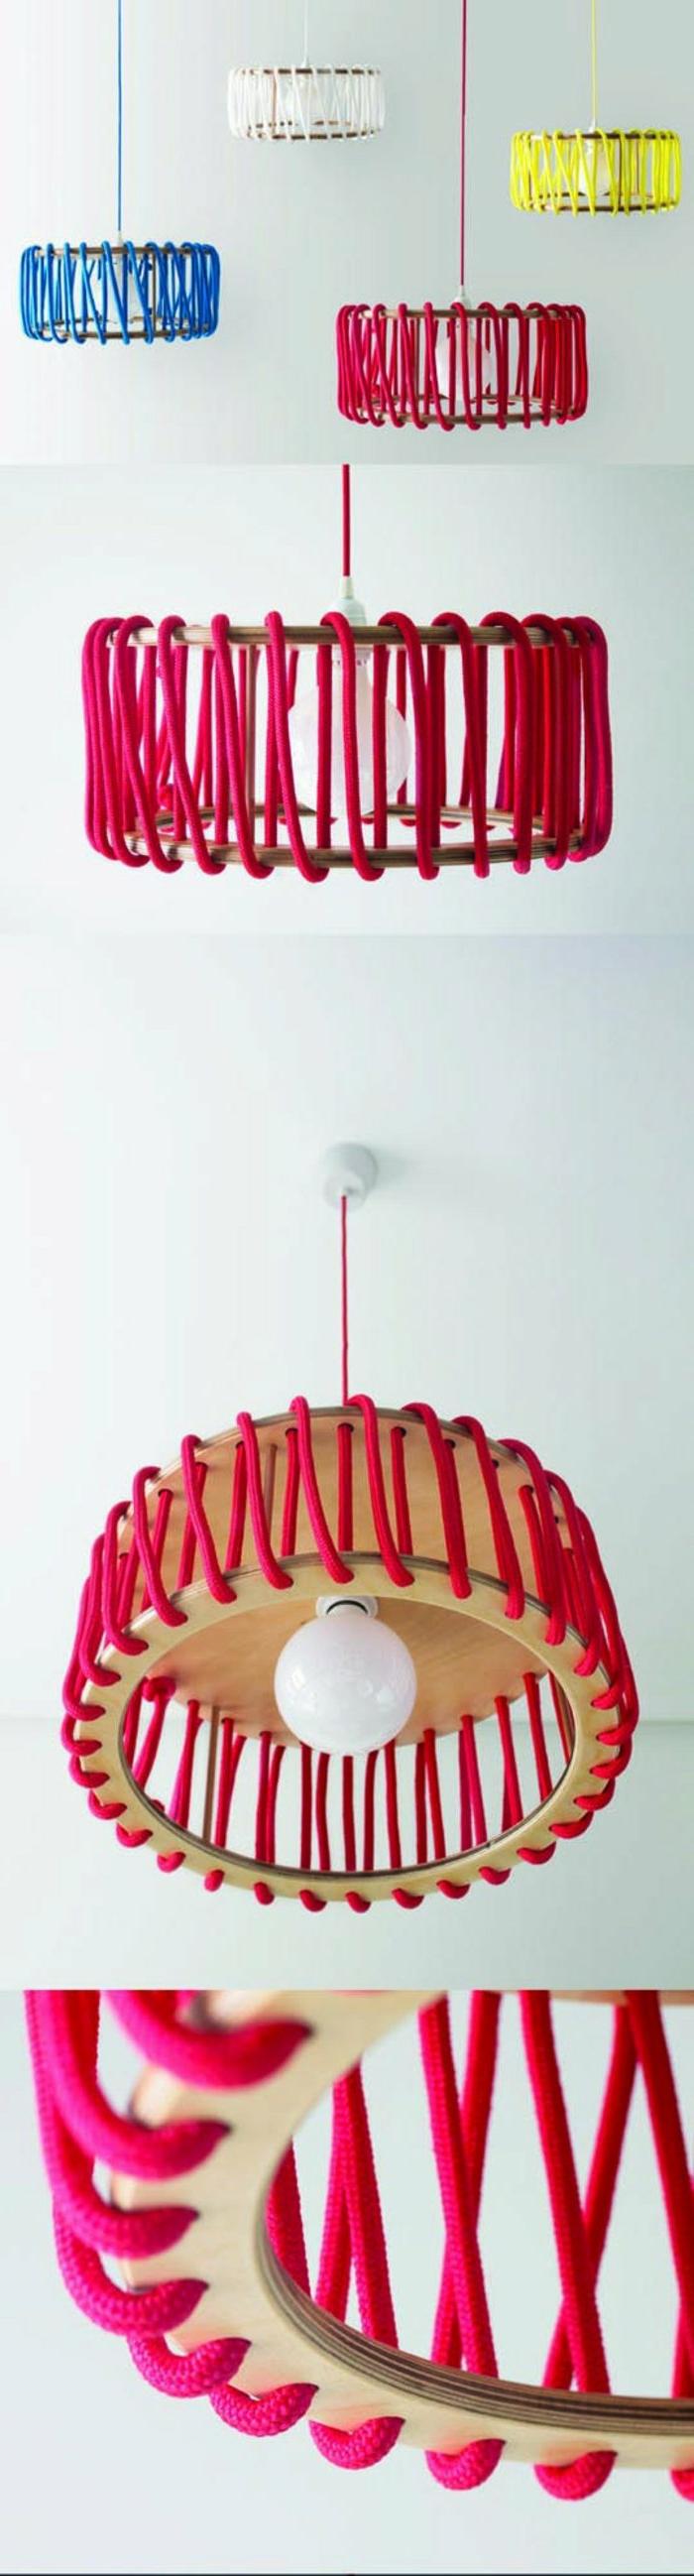 selbstgemachte Lampenschirme aus Holzbrettern, Holzringen und farbigen Seilen